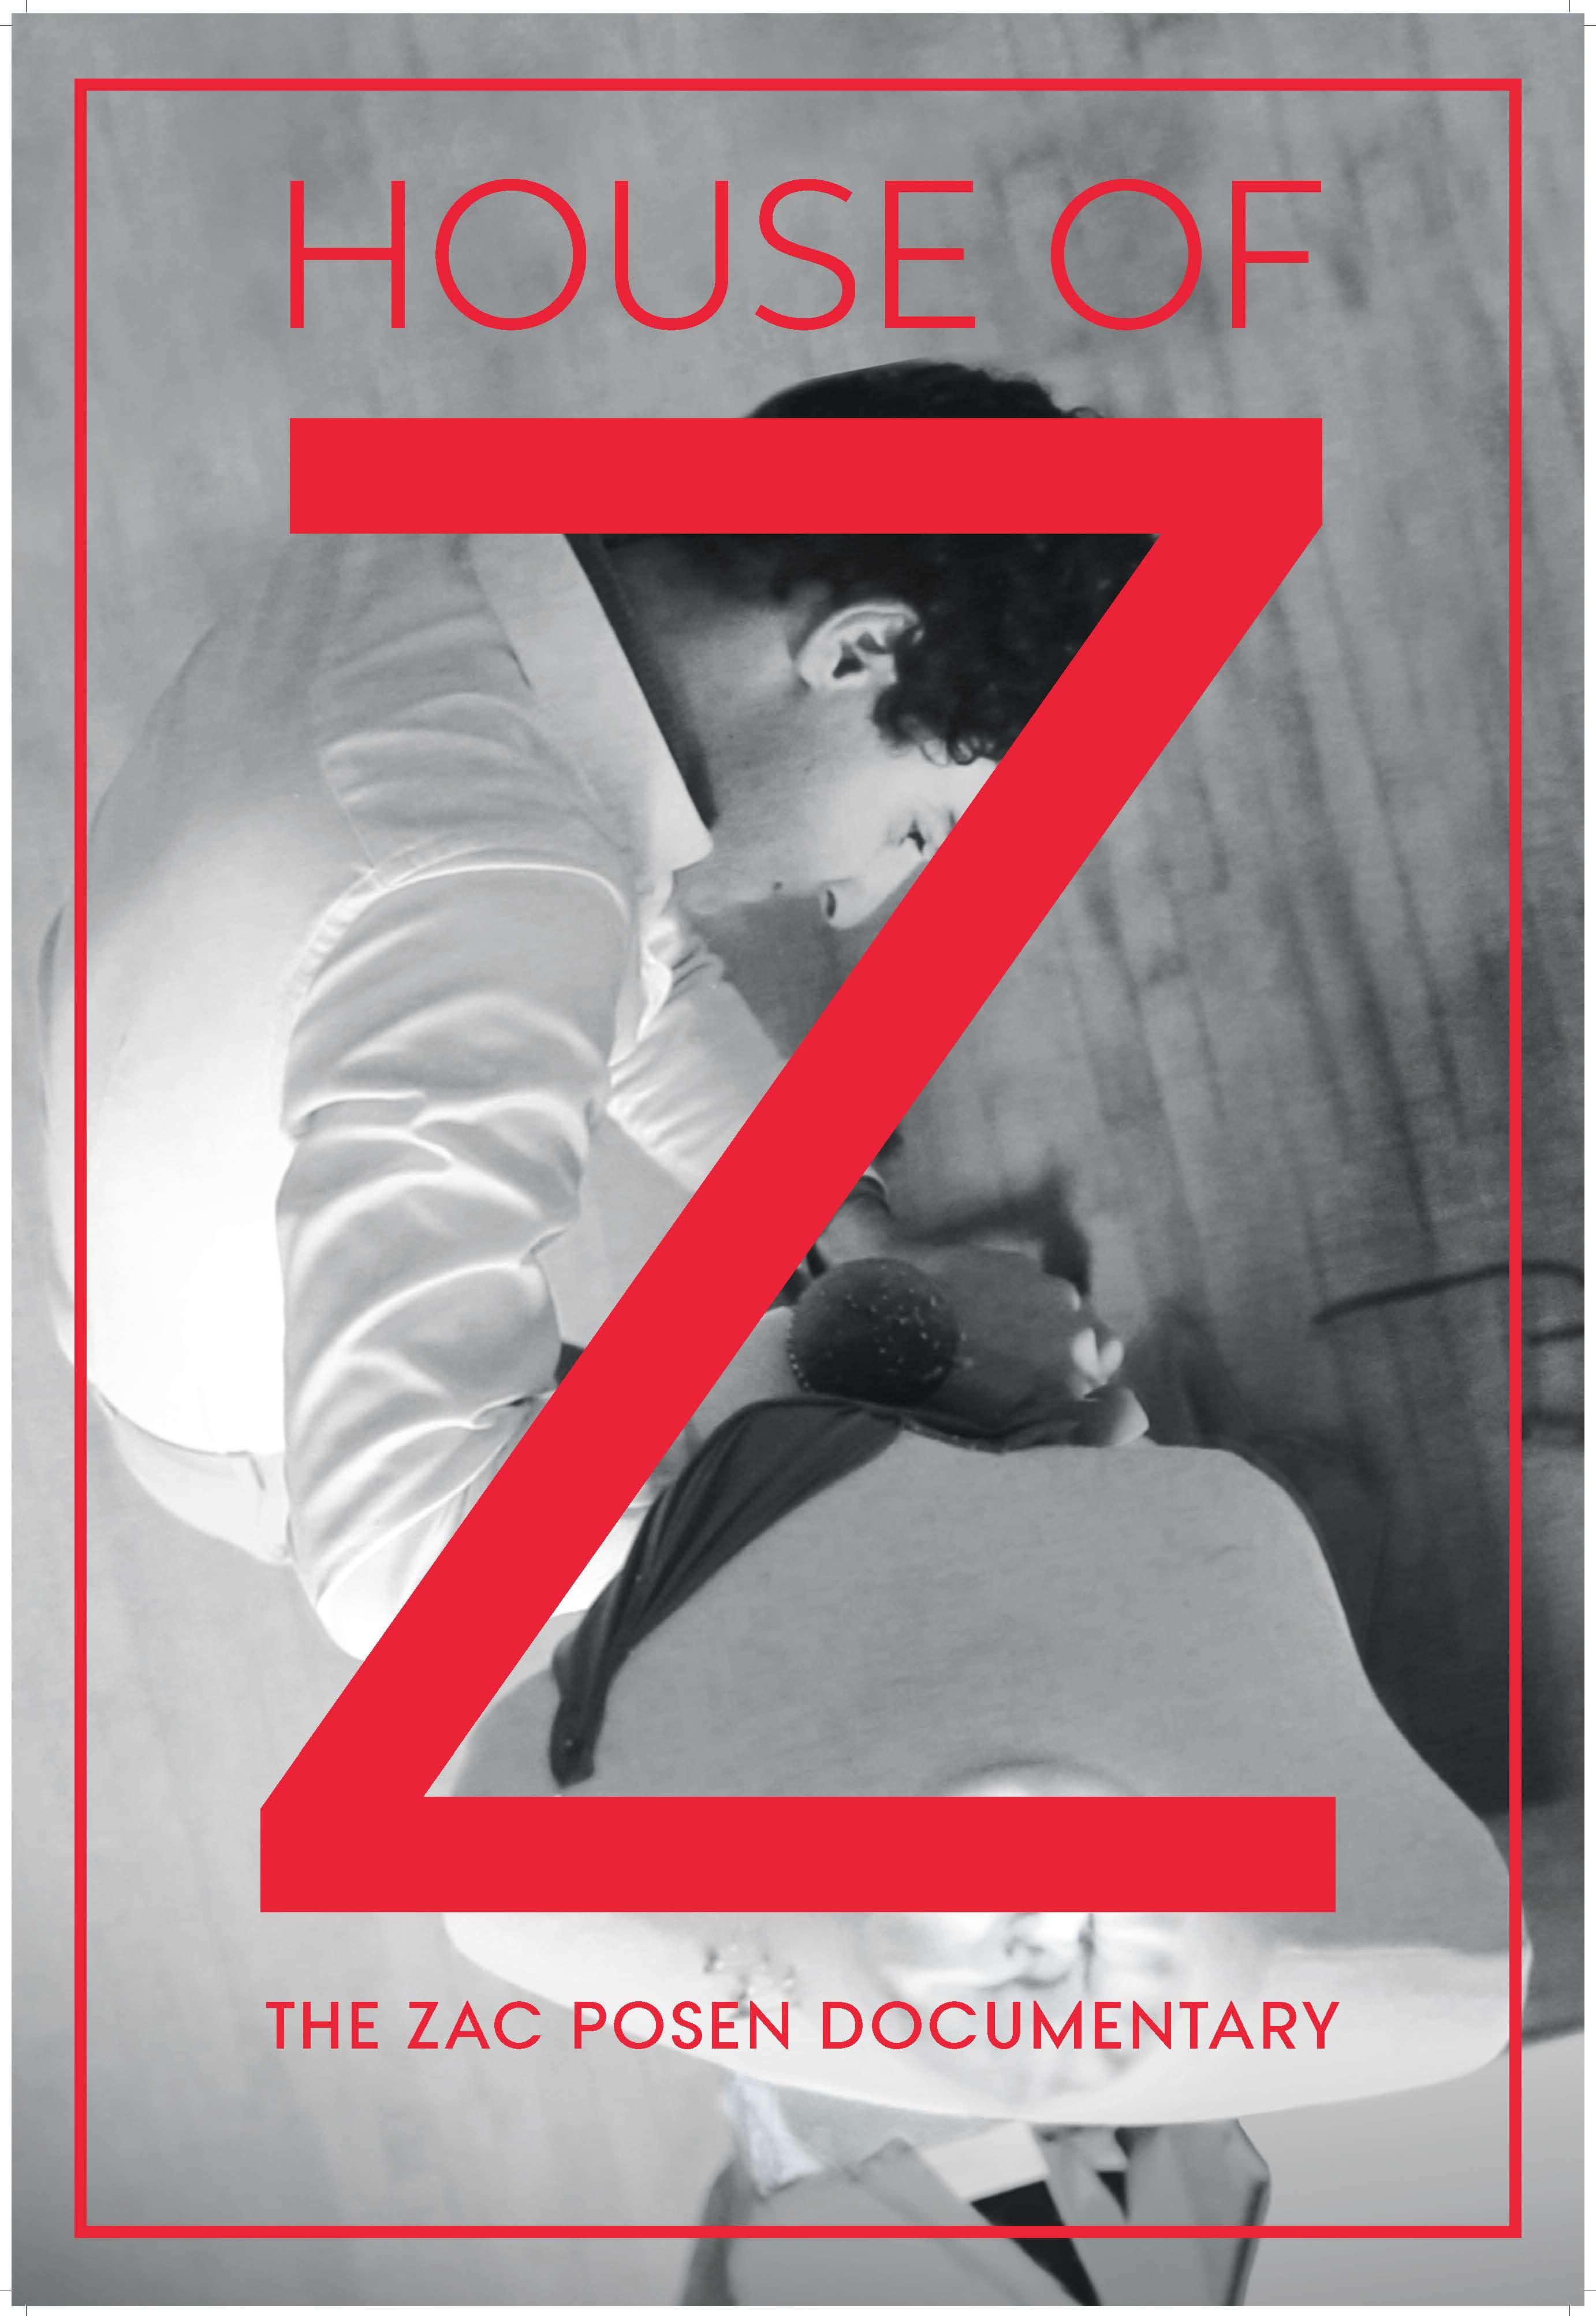 """Năm 2017, Zac Posen cho ra mắt bộ phim tài liệu """"The house of Z"""" ghi lại những bước thăng trầm của thương hiệu."""